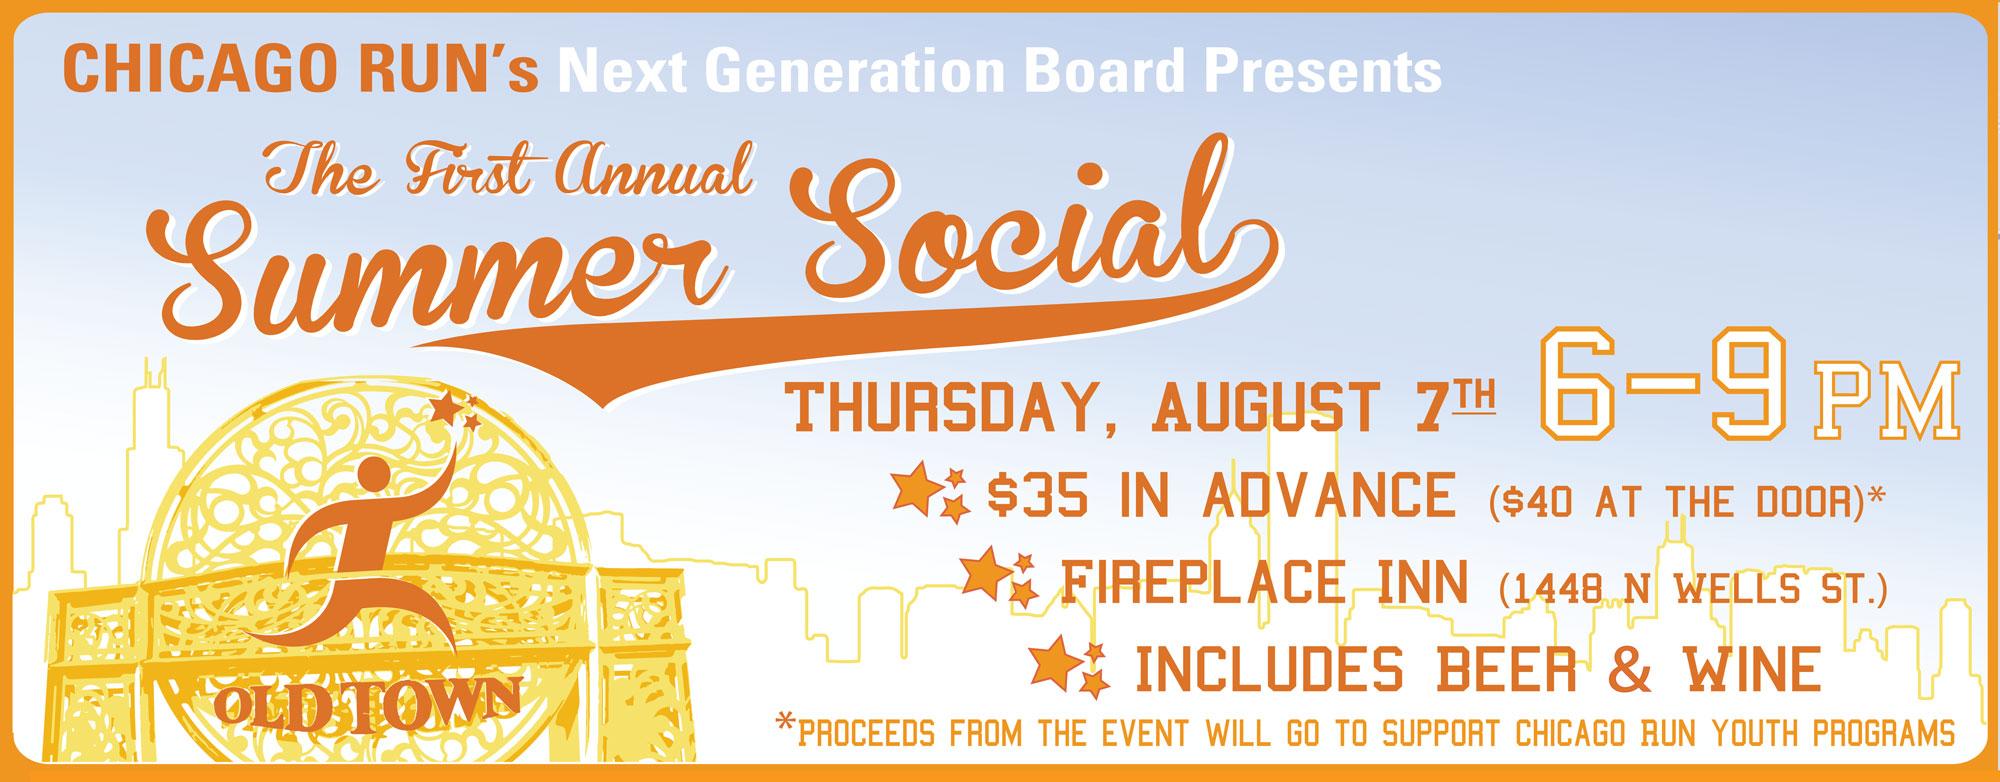 2014 Chicago Run Summer Social Fundraiser